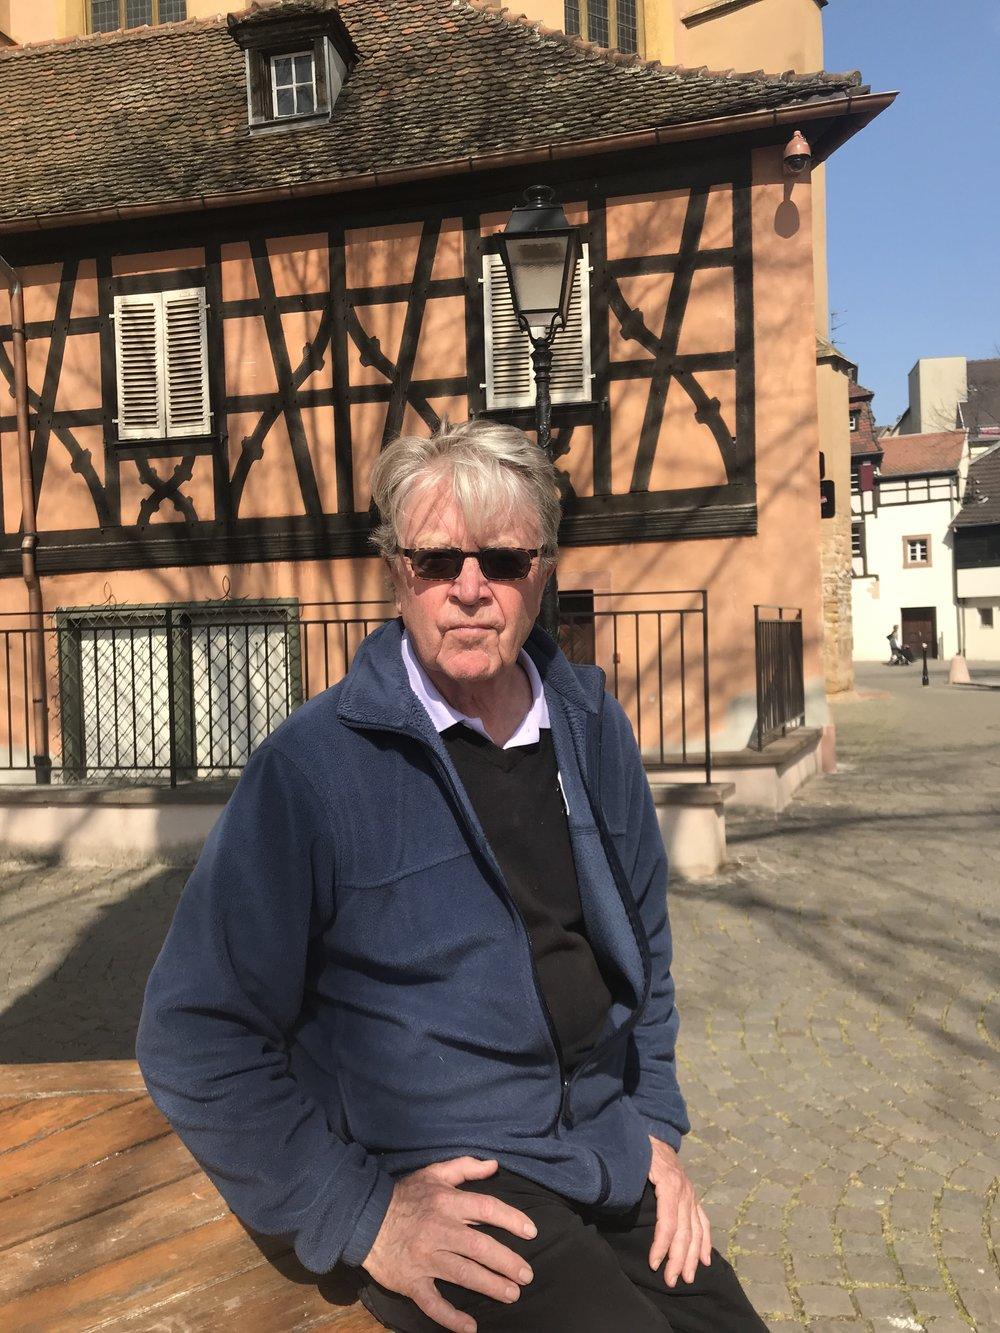 In Colmar, France, April 2019